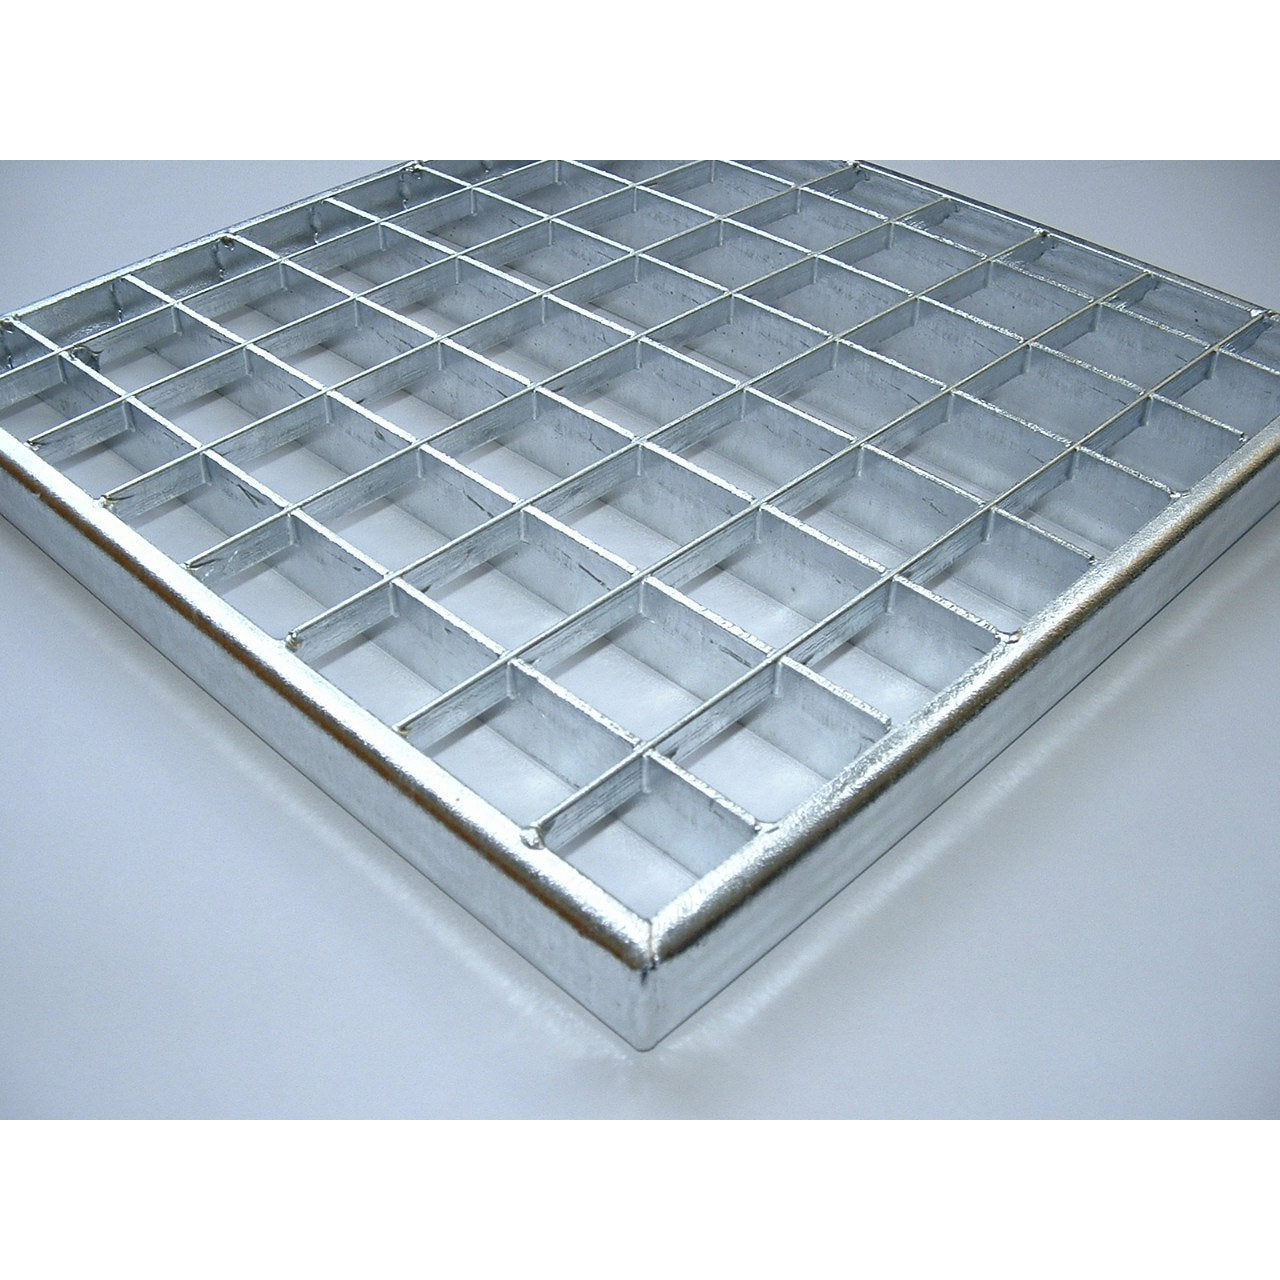 grille caillebotis acier galvanis x cm mea. Black Bedroom Furniture Sets. Home Design Ideas